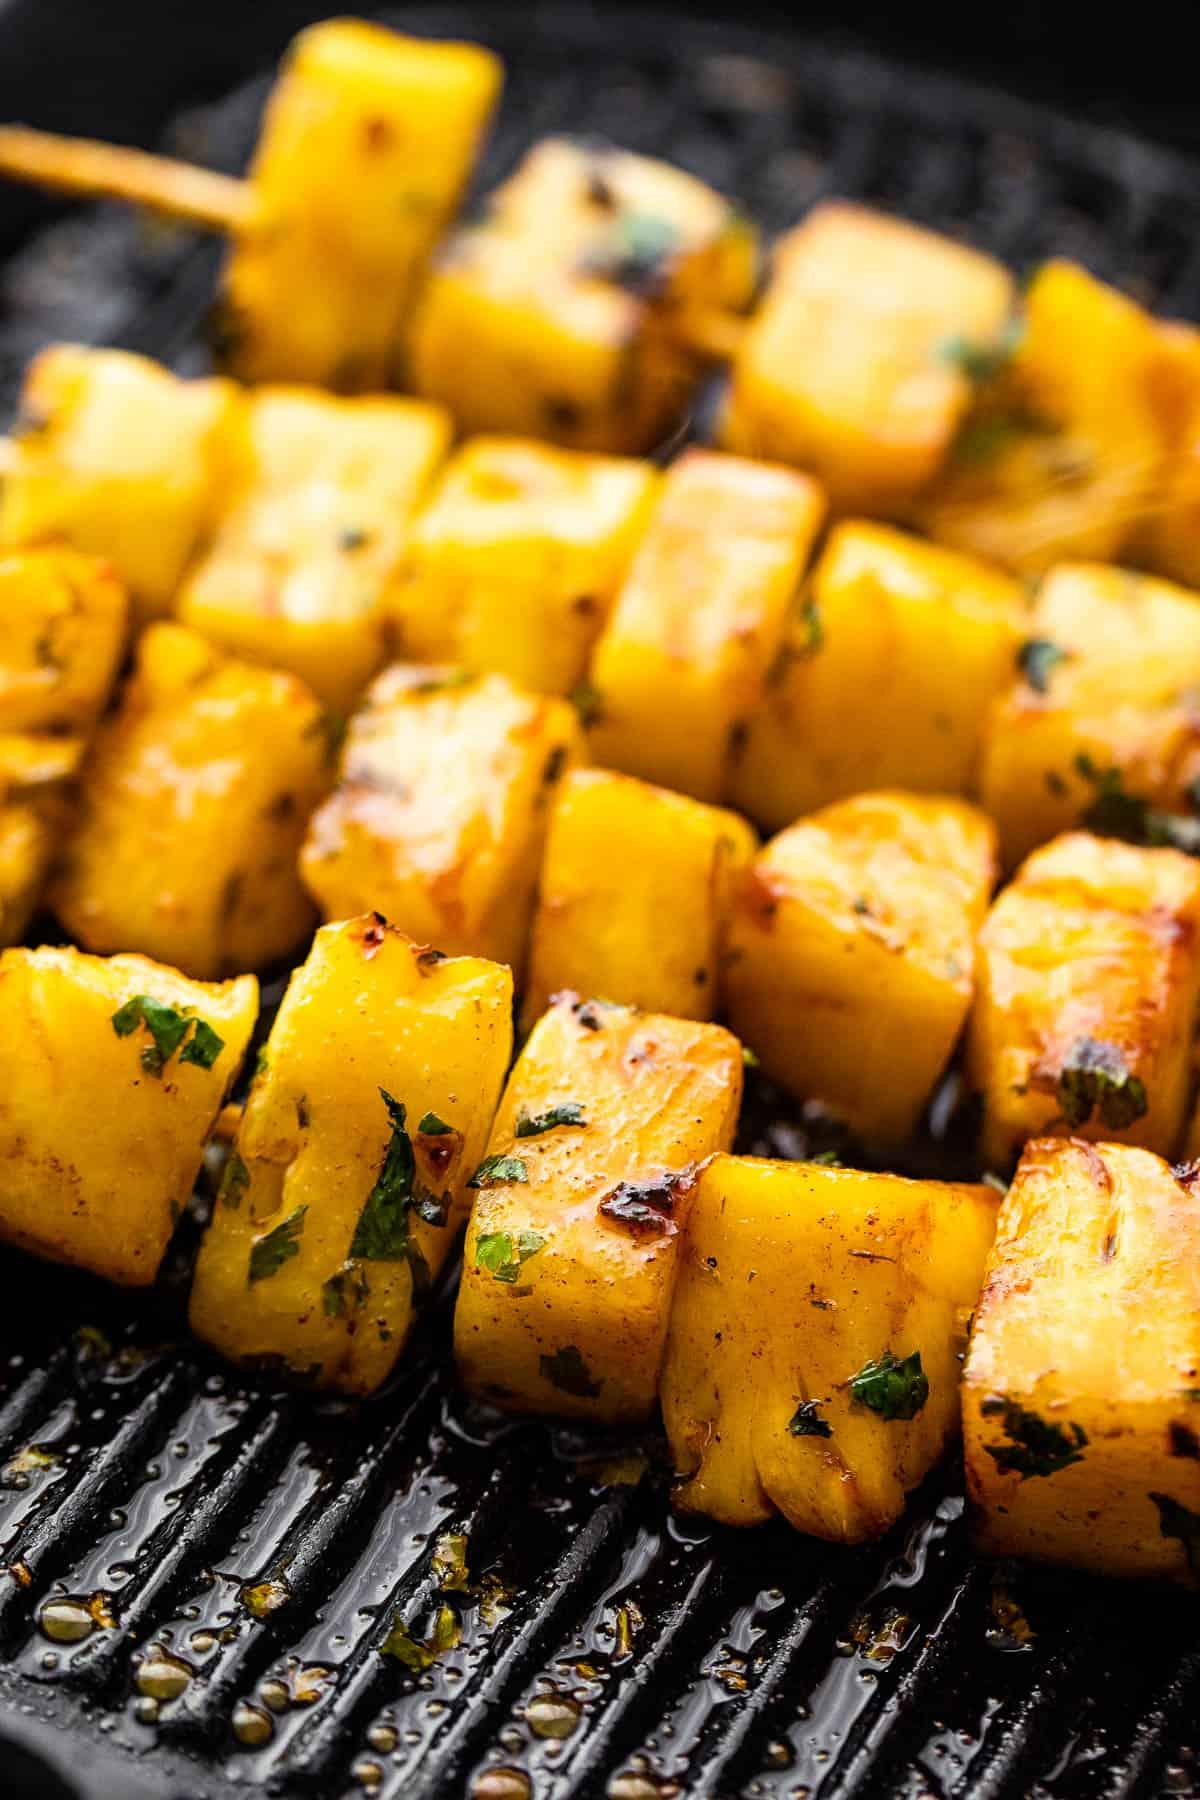 grilling pineapples on skewers